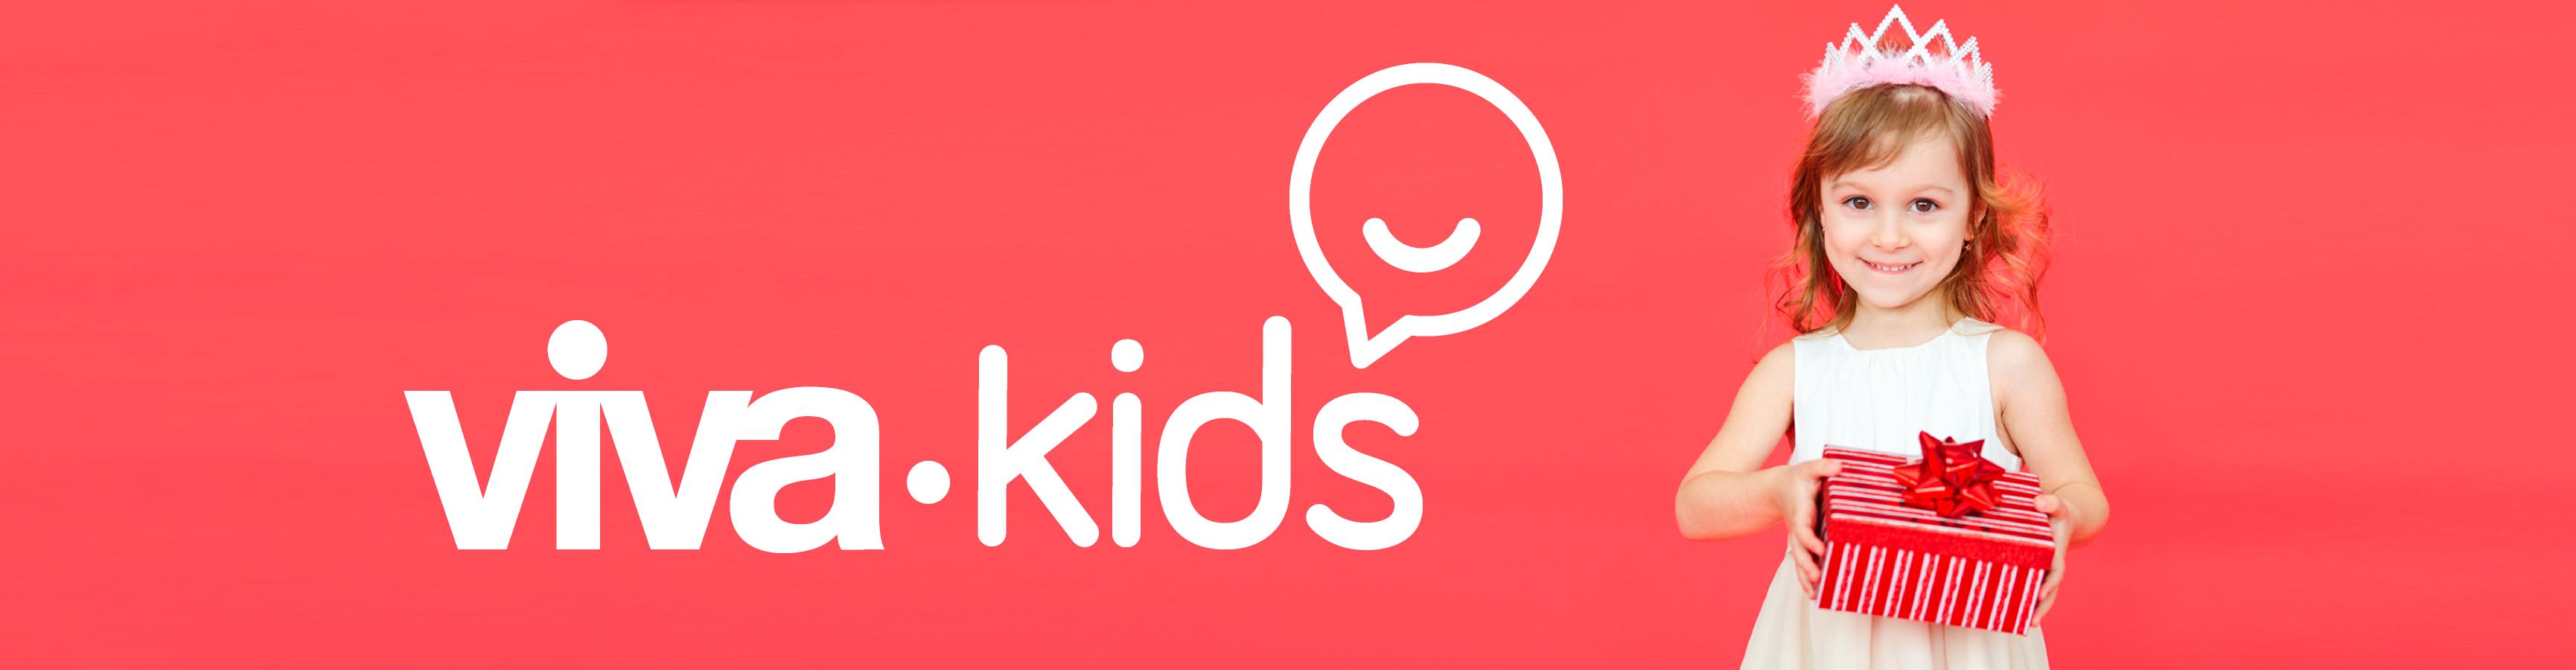 Viva kids - Caucasia